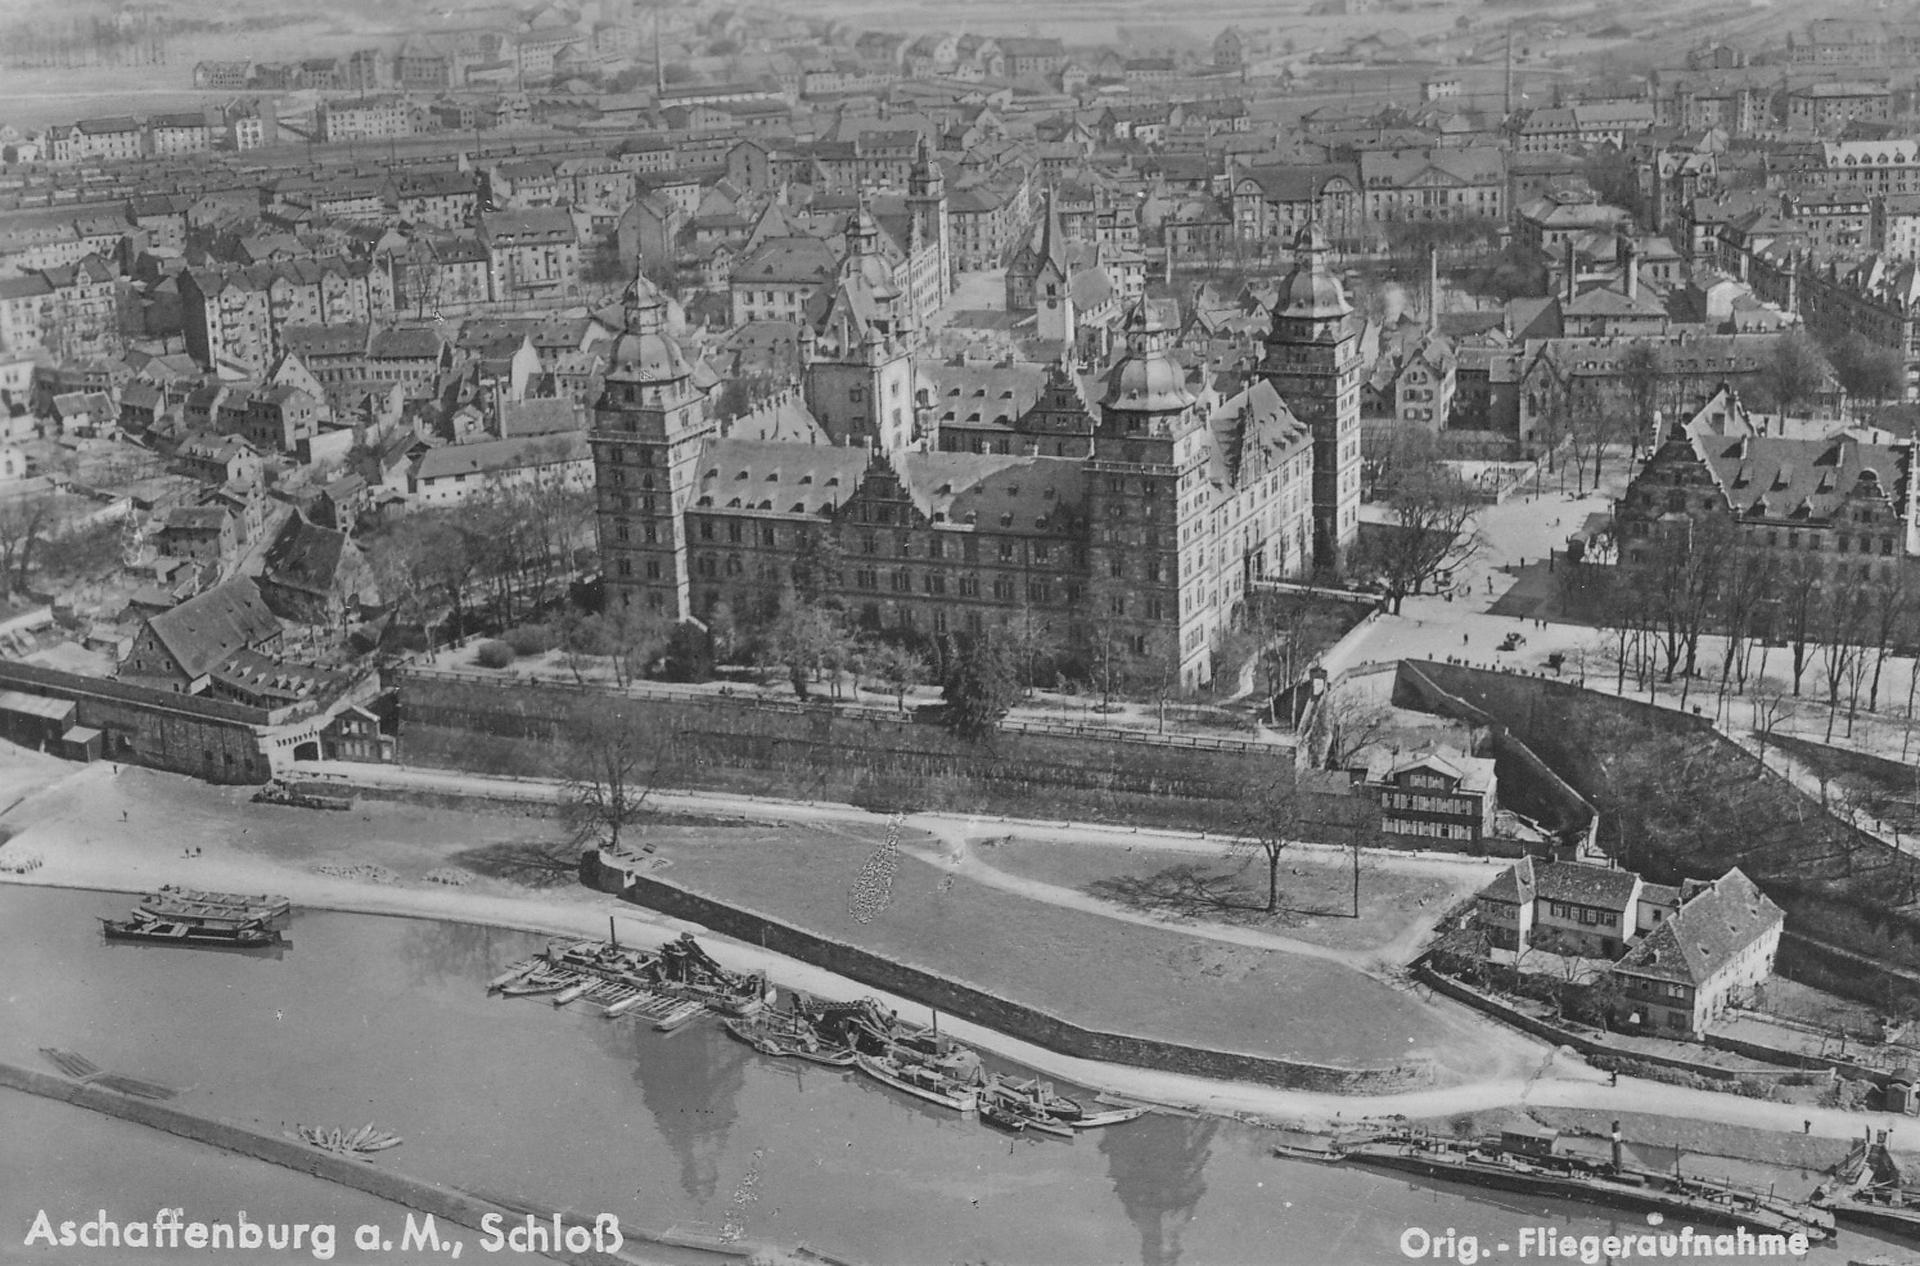 © Luftaufnahme, Ernst Asmus Leipzig. Stadt- und Stiftsarchiv Aschaffenburg, Ansichtskartensammlung